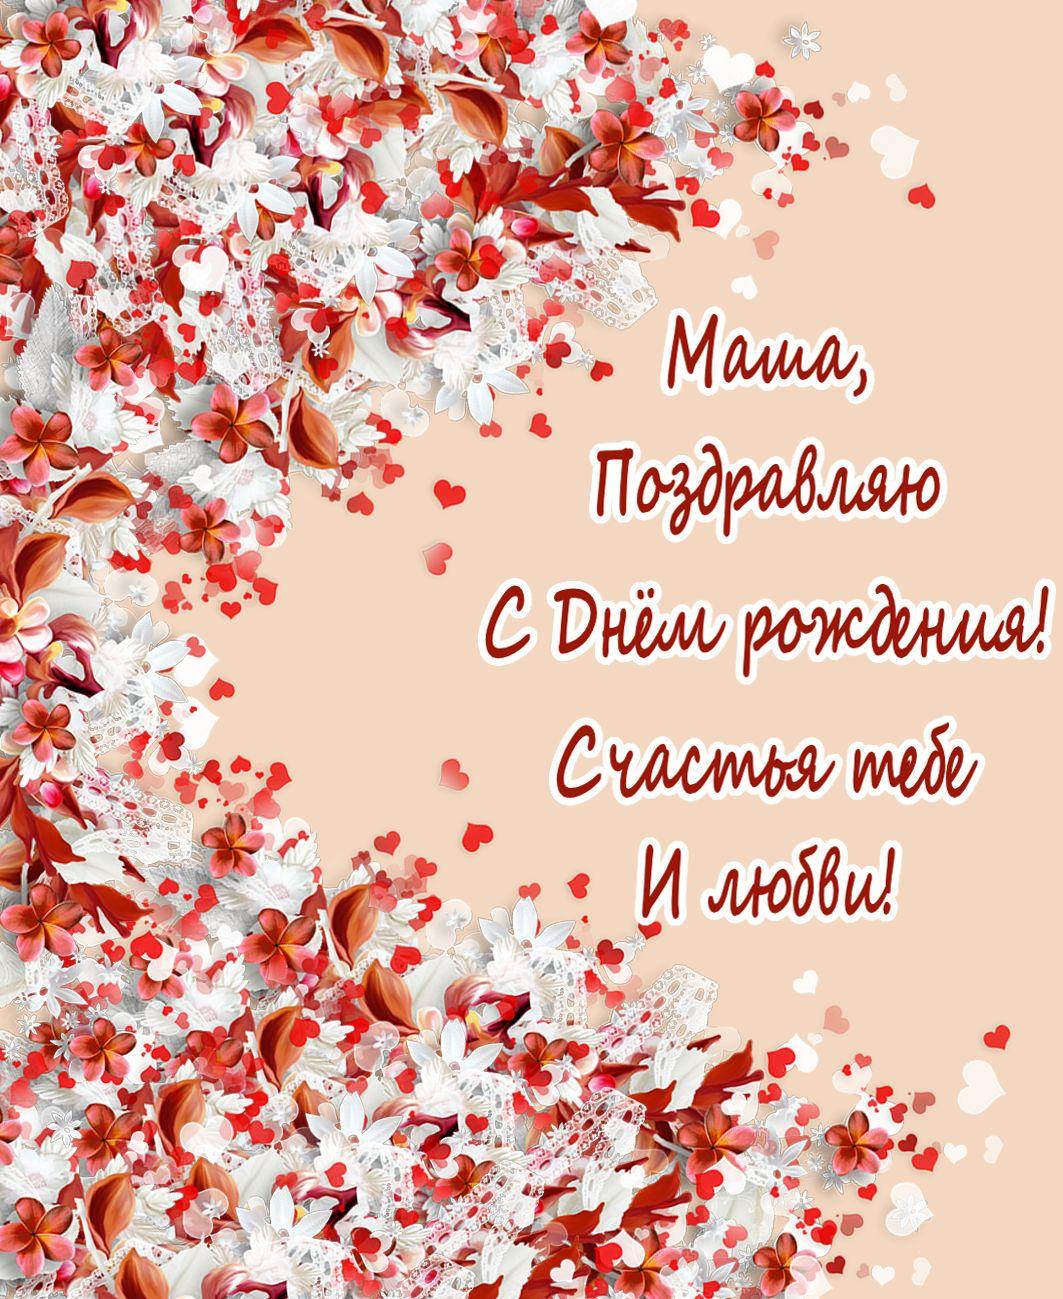 Поздравление для Маши в оформлении из цветов